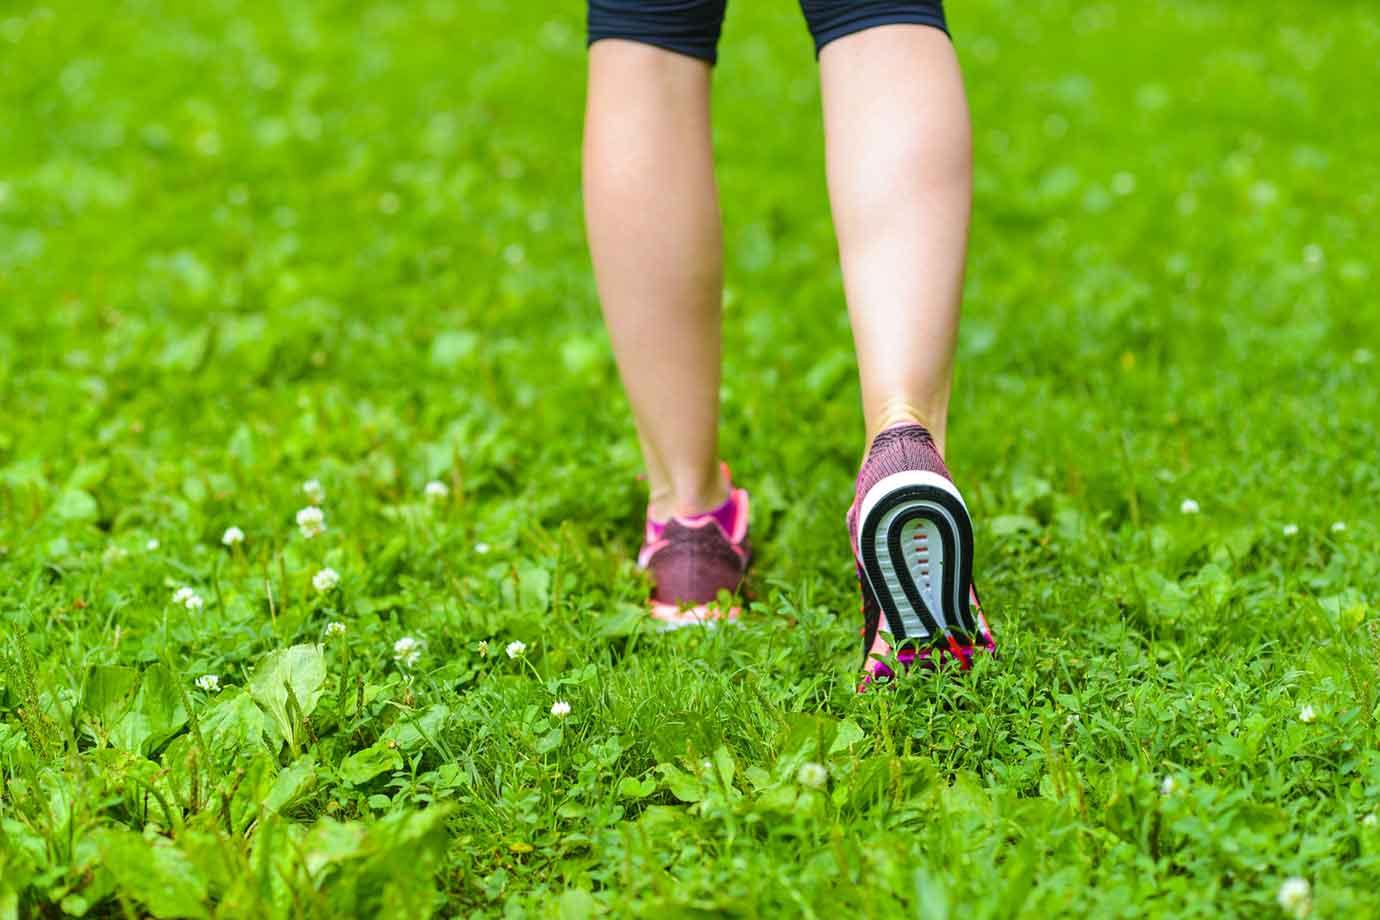 基礎代謝が落ちてくる40代は基礎代謝量アップのための運動がおすすめ